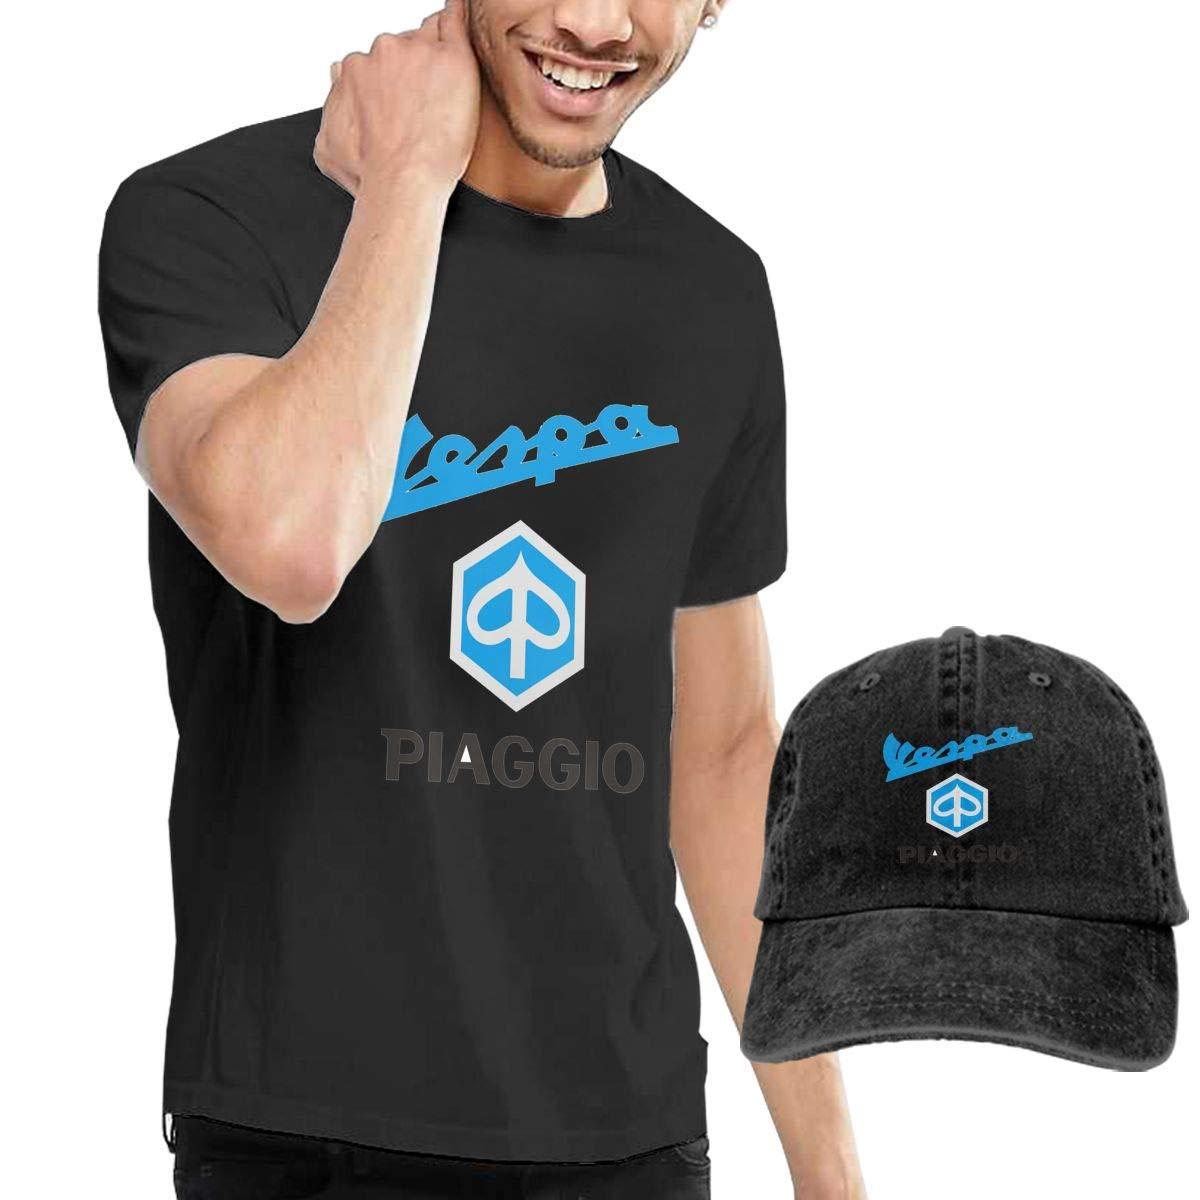 SOTTK Camisetas y Tops Hombre Polos y Camisas, Customized Piaggio ...